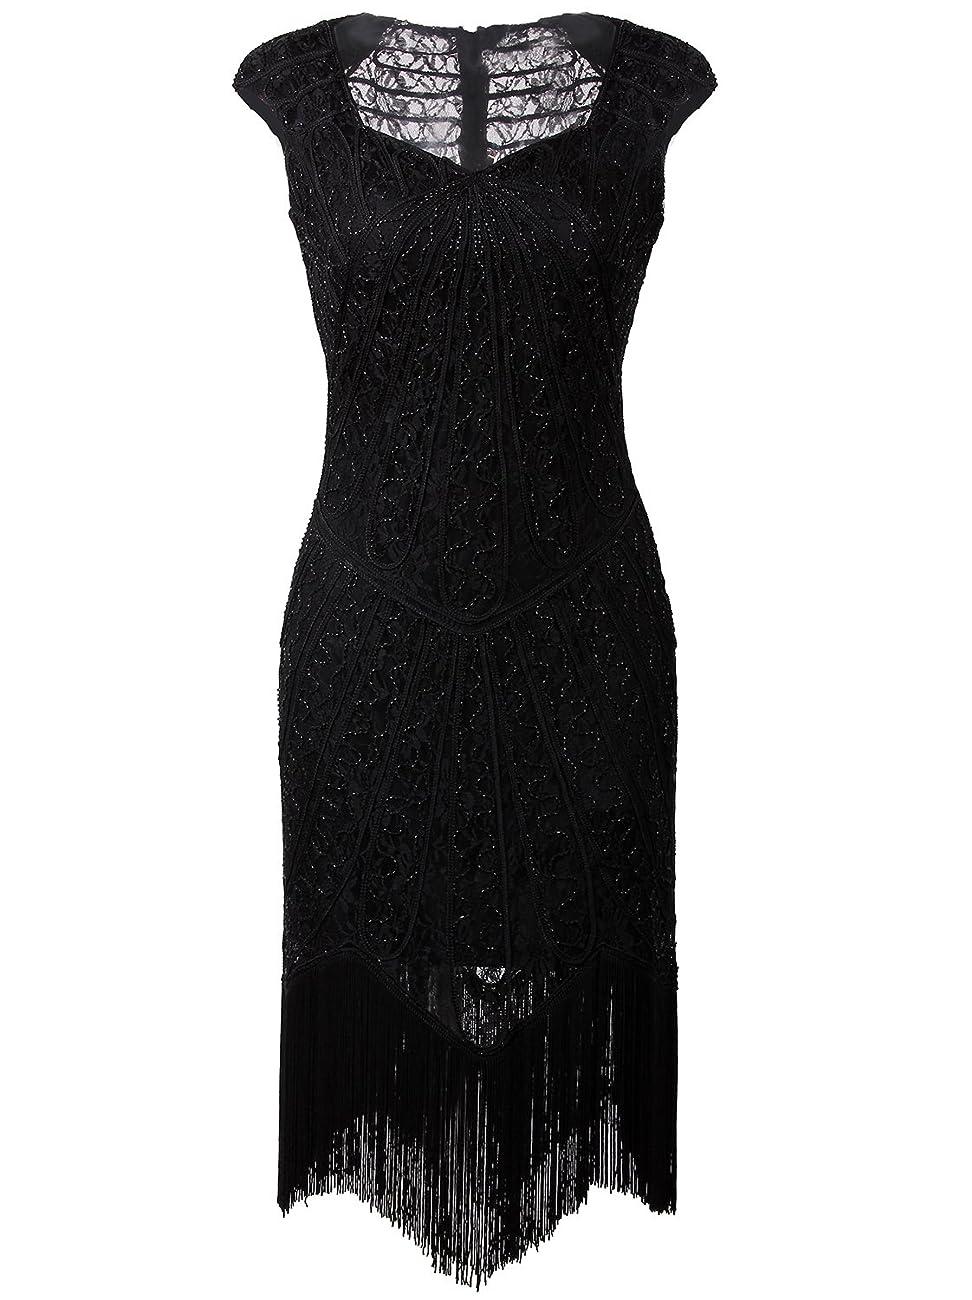 Vijiv Vintage 1920s Inspired Embellished Beaded Lace Cocktail Flapper Dress 0